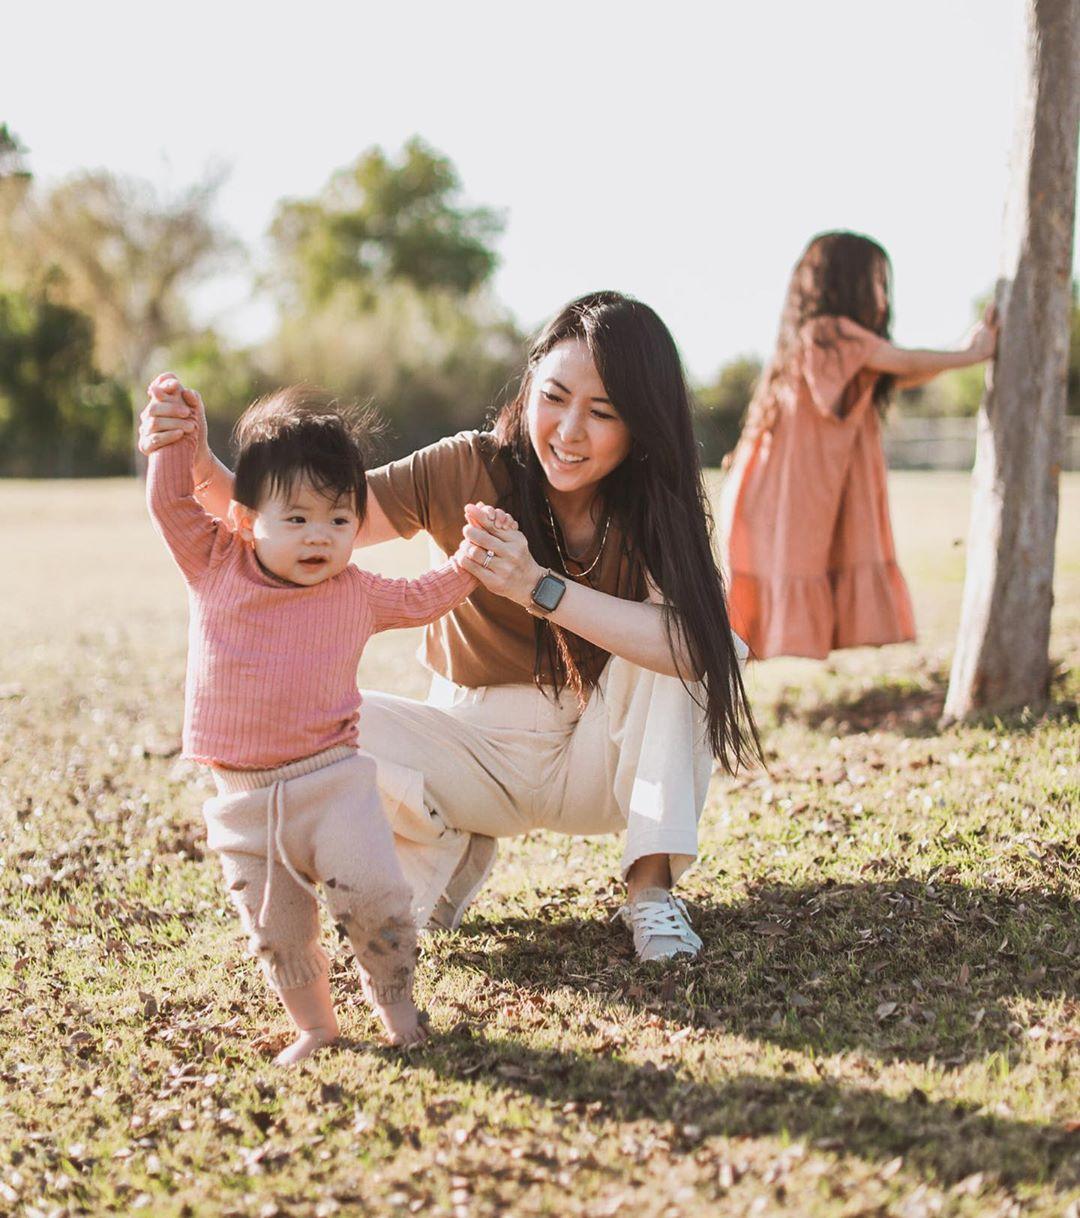 Laura Izumikawa mặc trang phục ở nhà với áo thun nâu và quần suông màu trắng